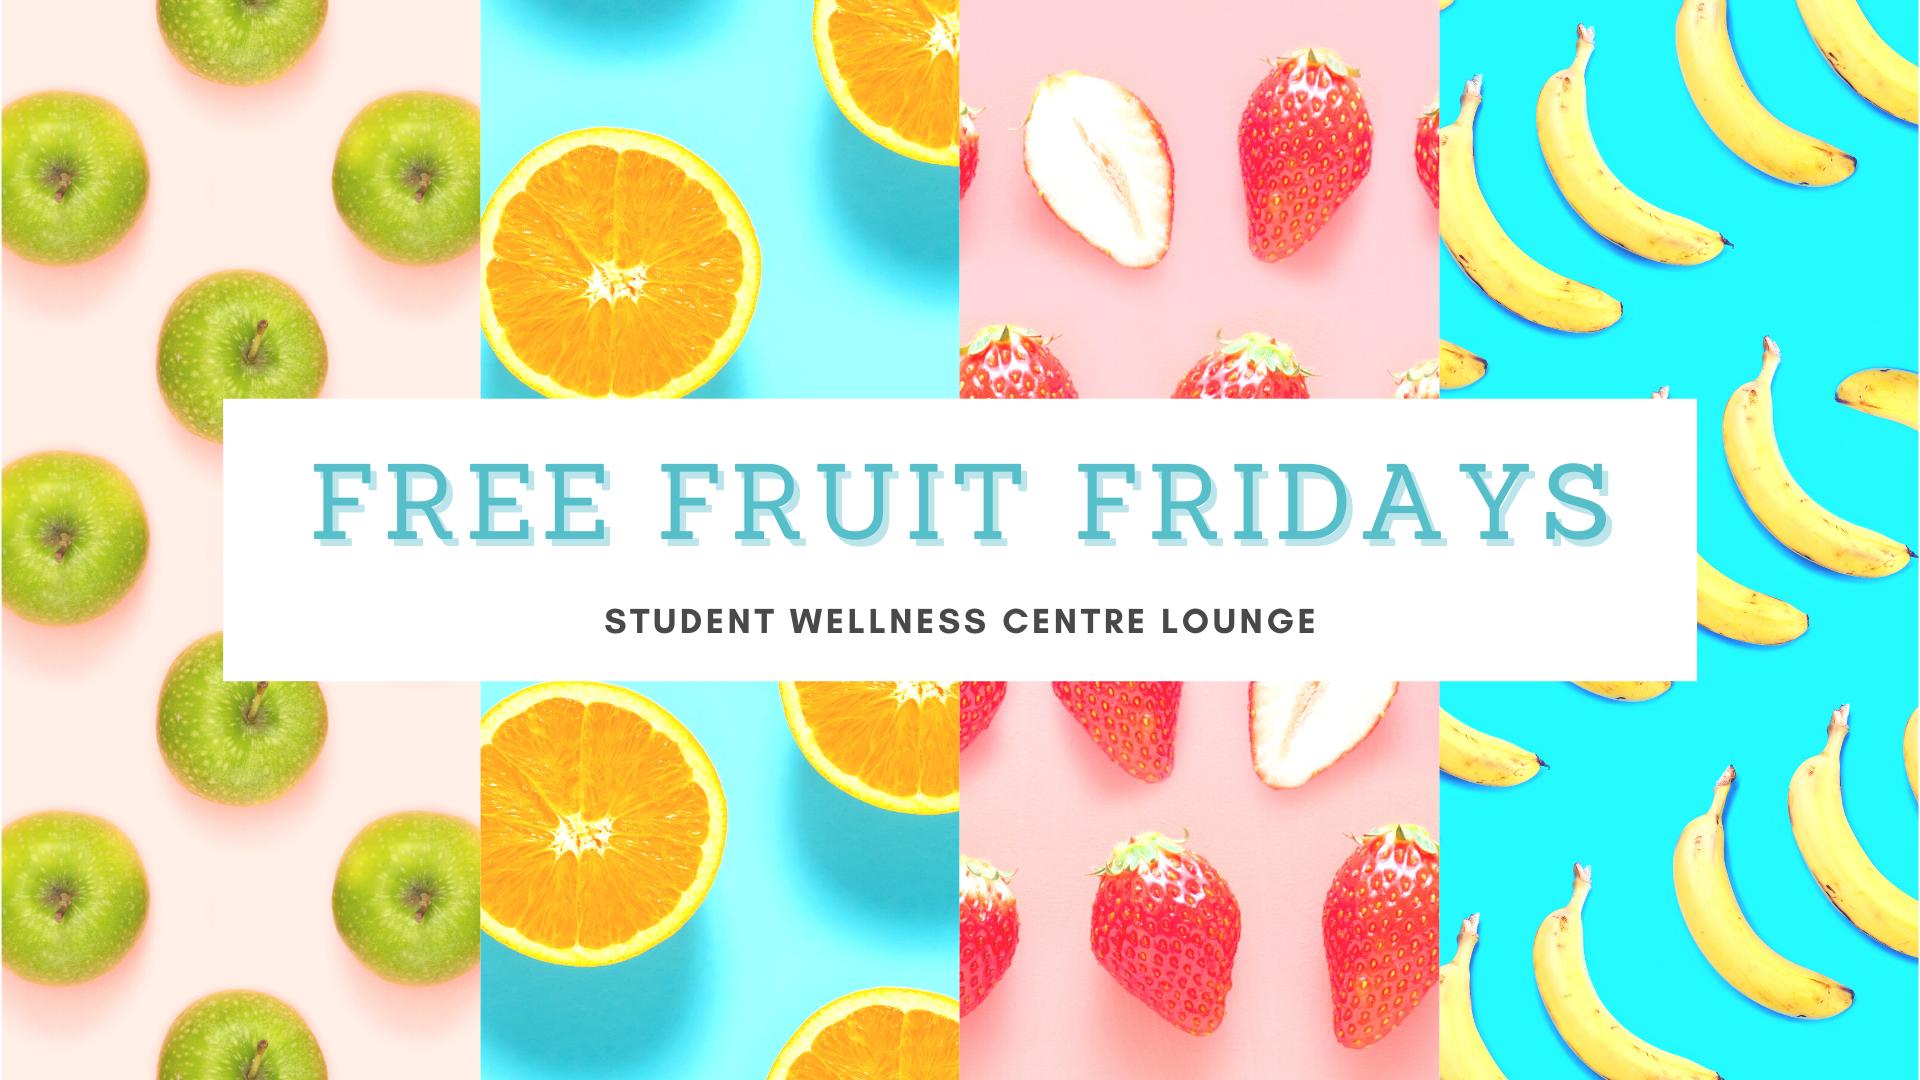 Free Fruit Fridays